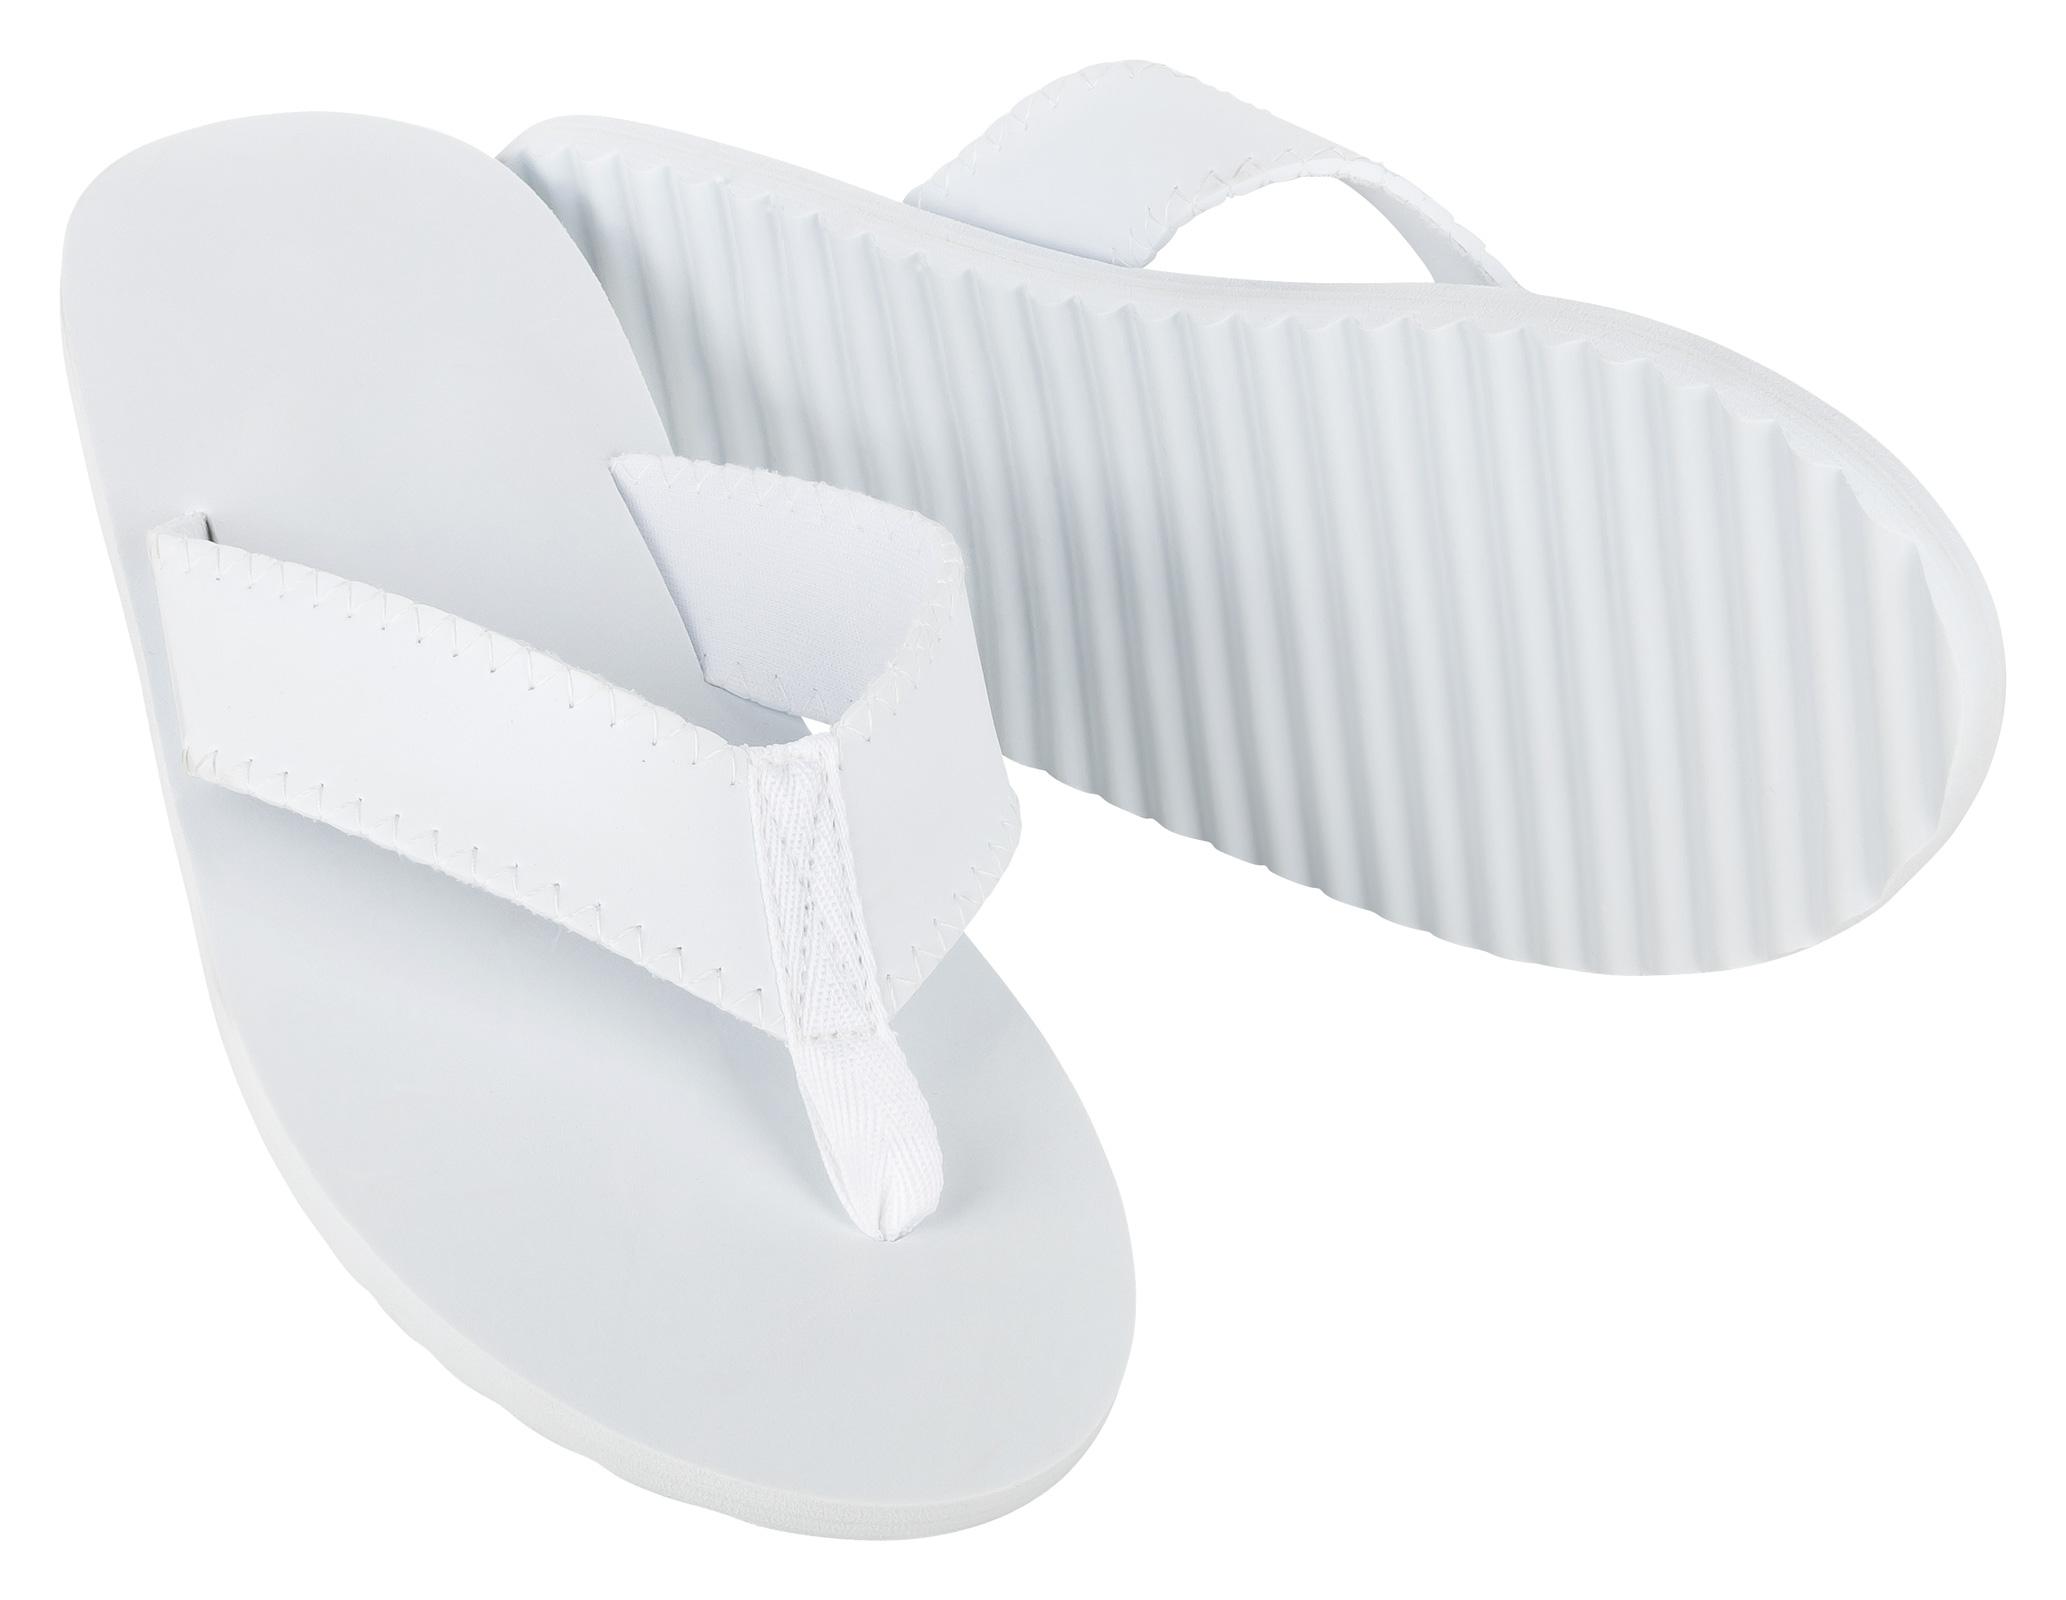 5 Paar MOON Pool Flip-Flop weiß Wellness Slipper Hotelslipper weiß 10mm EVA Gummi Sohle für Sauna, Spa und Poolbereich